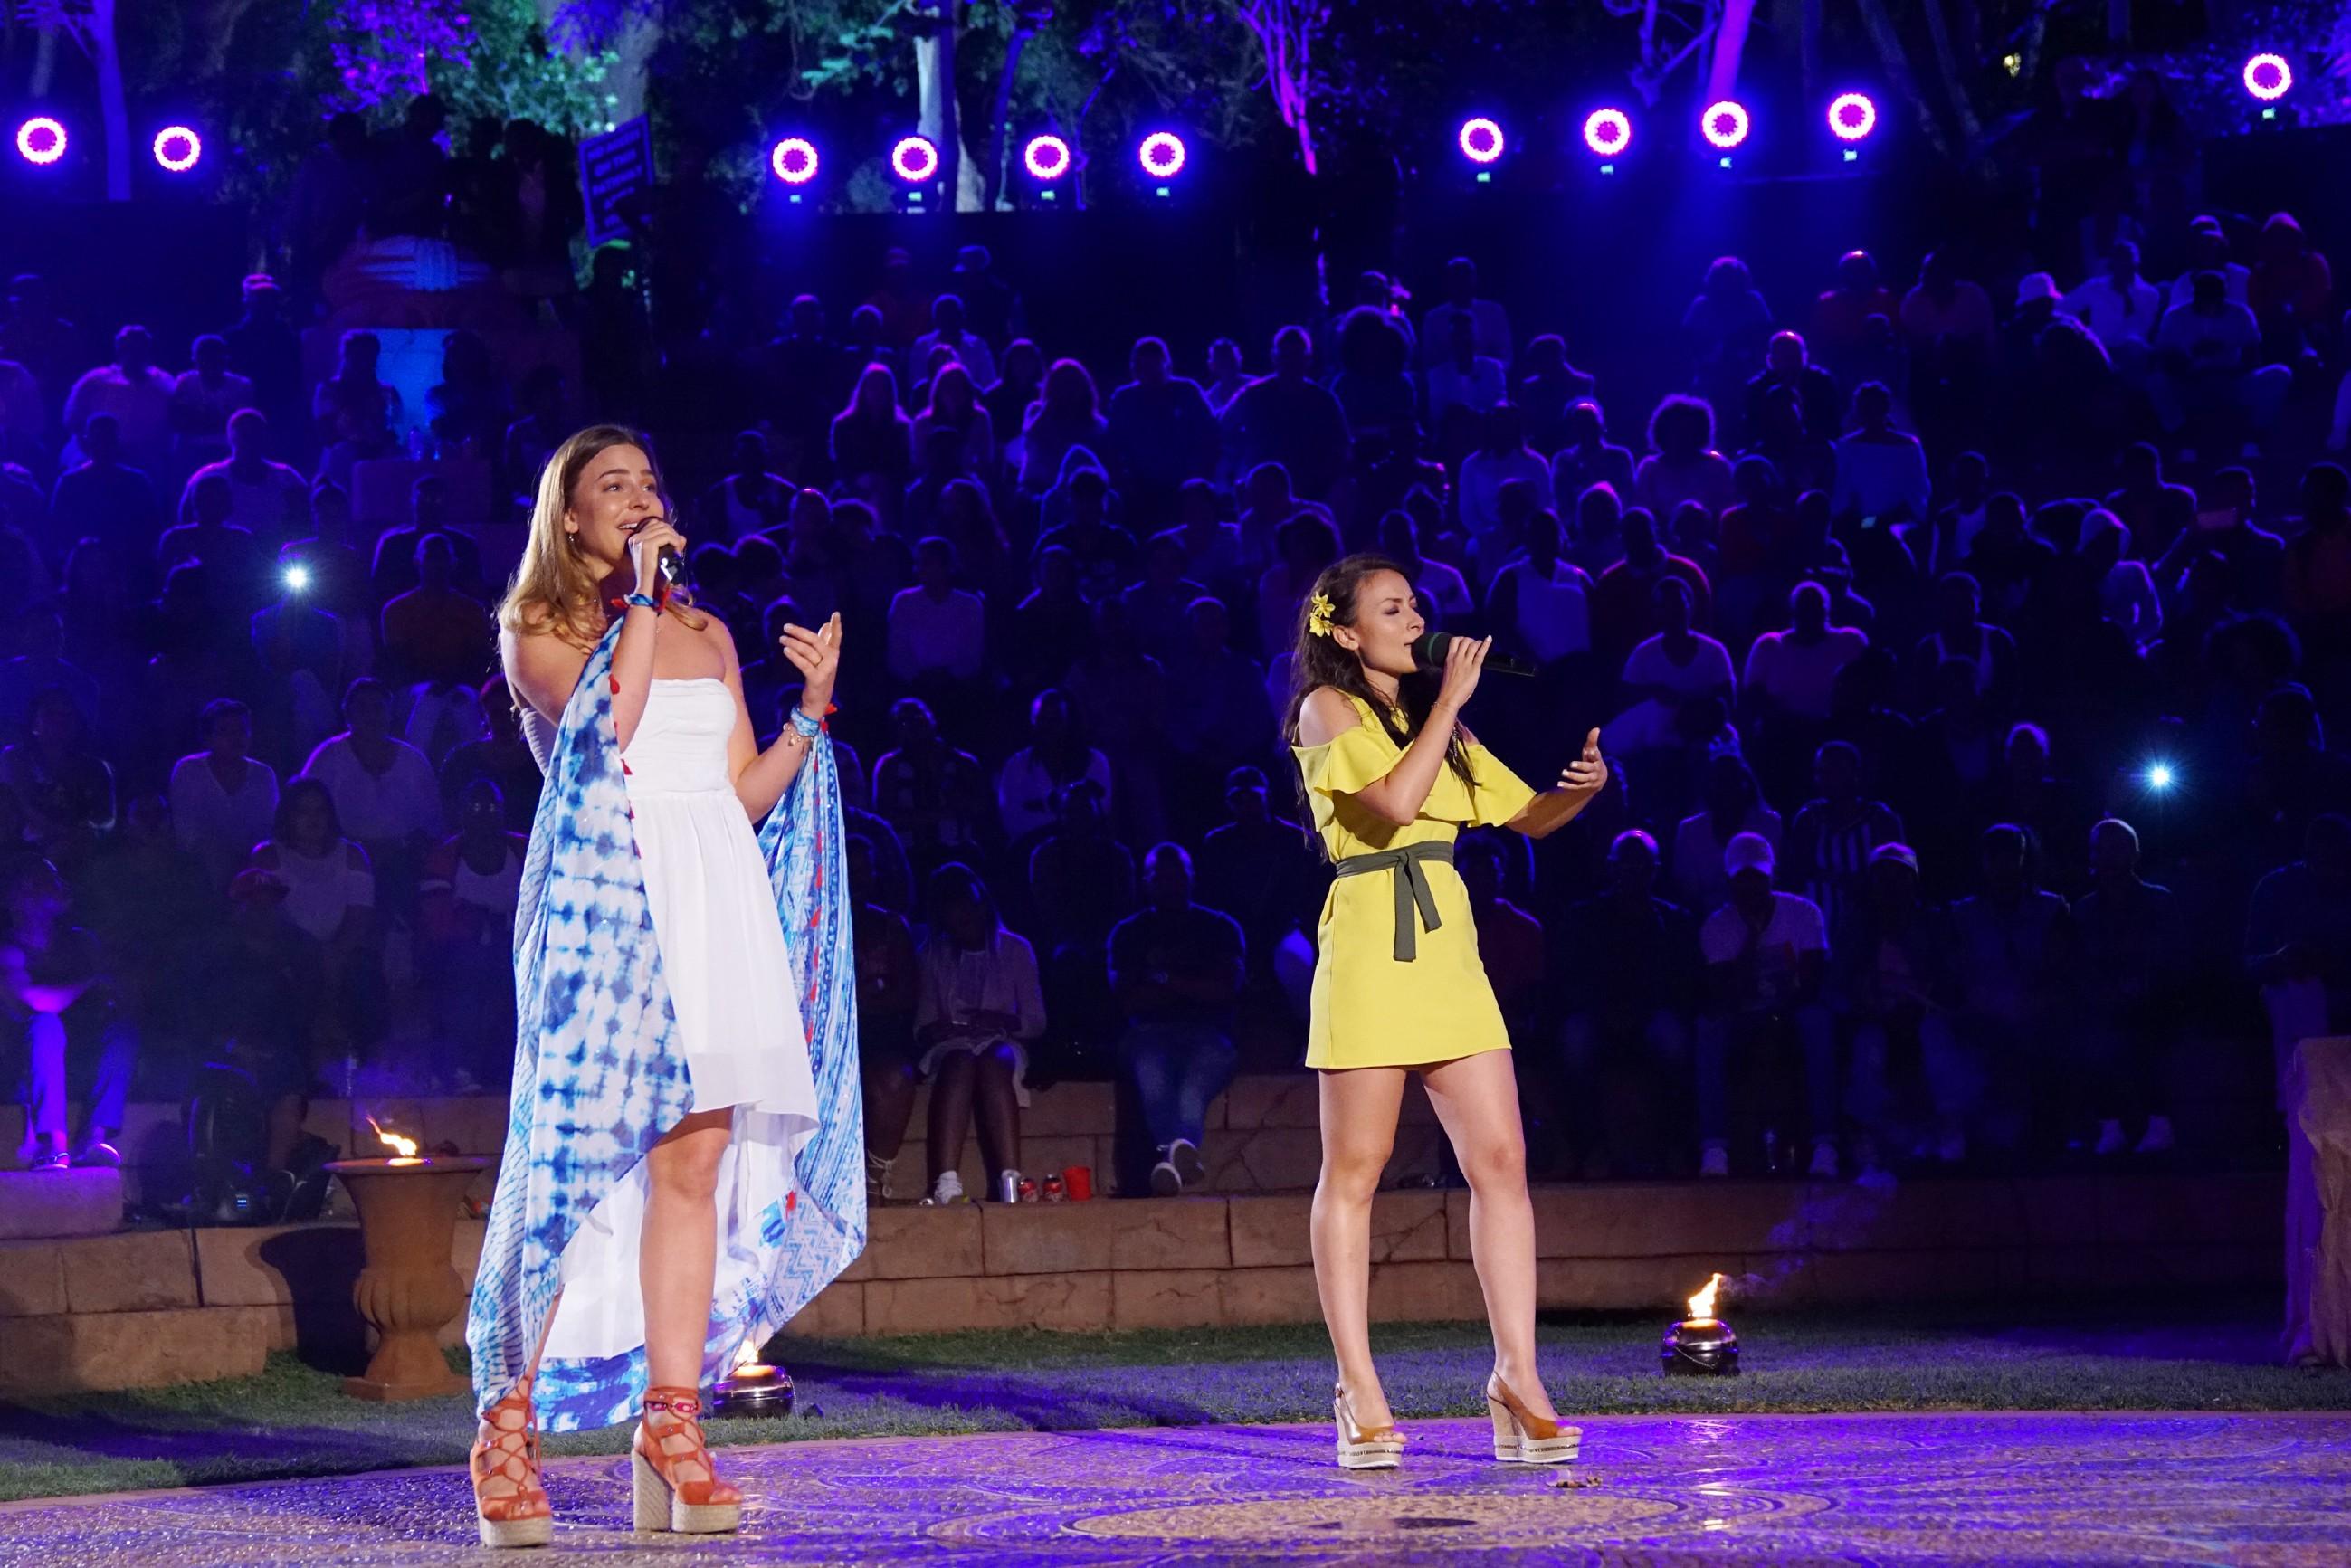 Mousse T., Carolin Niemczyk, Ella Endlich und Dieter Bohlen bewerten die Performance der verbliebenen Kandidaten, die im Finale des Auslands-Recalls im Amphitheater des